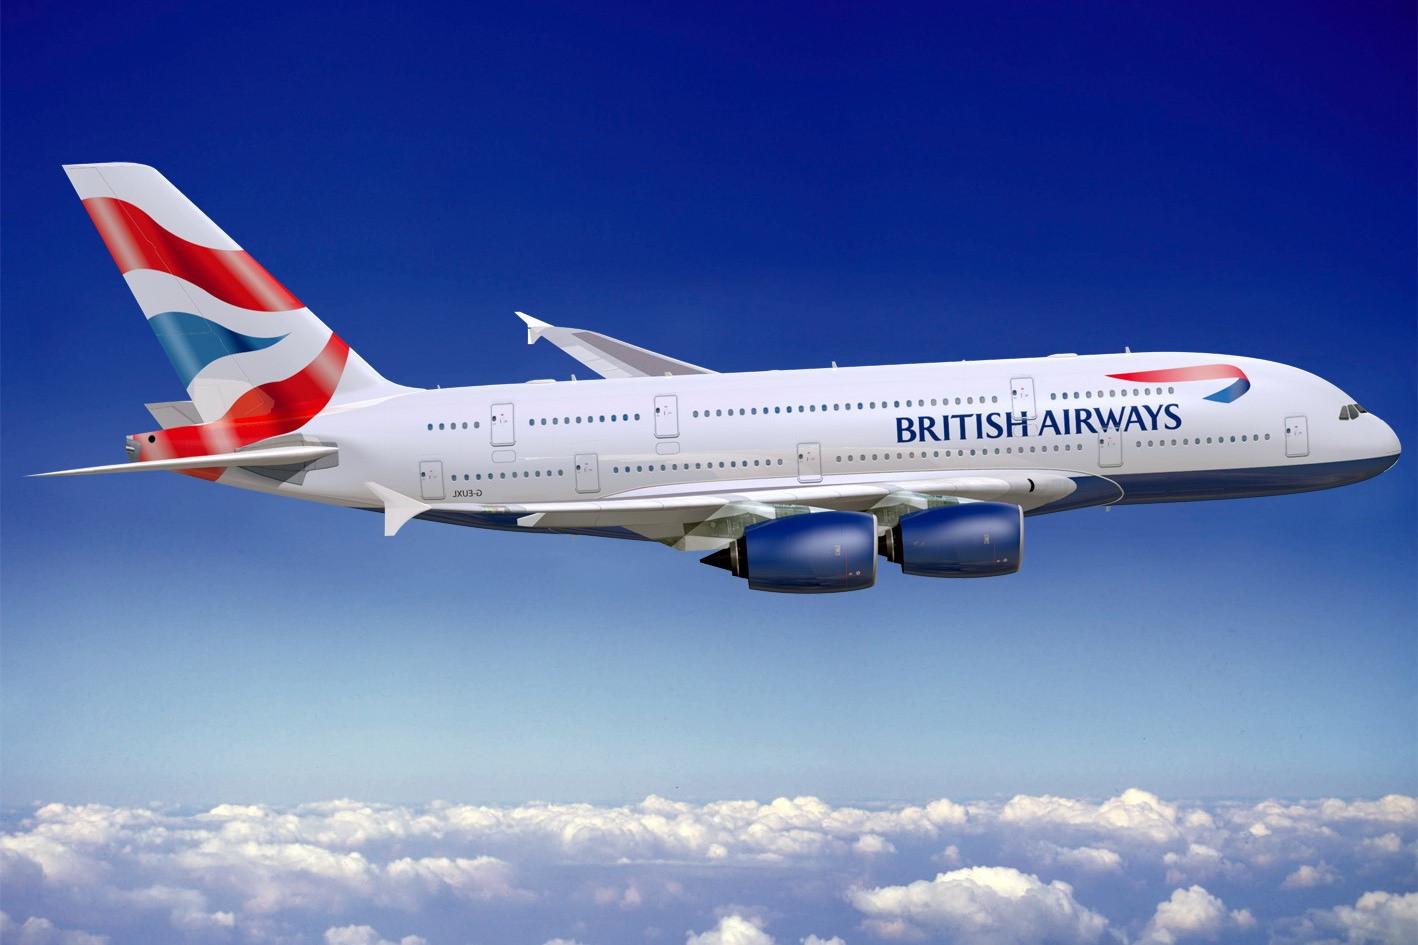 Наборту самолета British Airways произошлаЧС